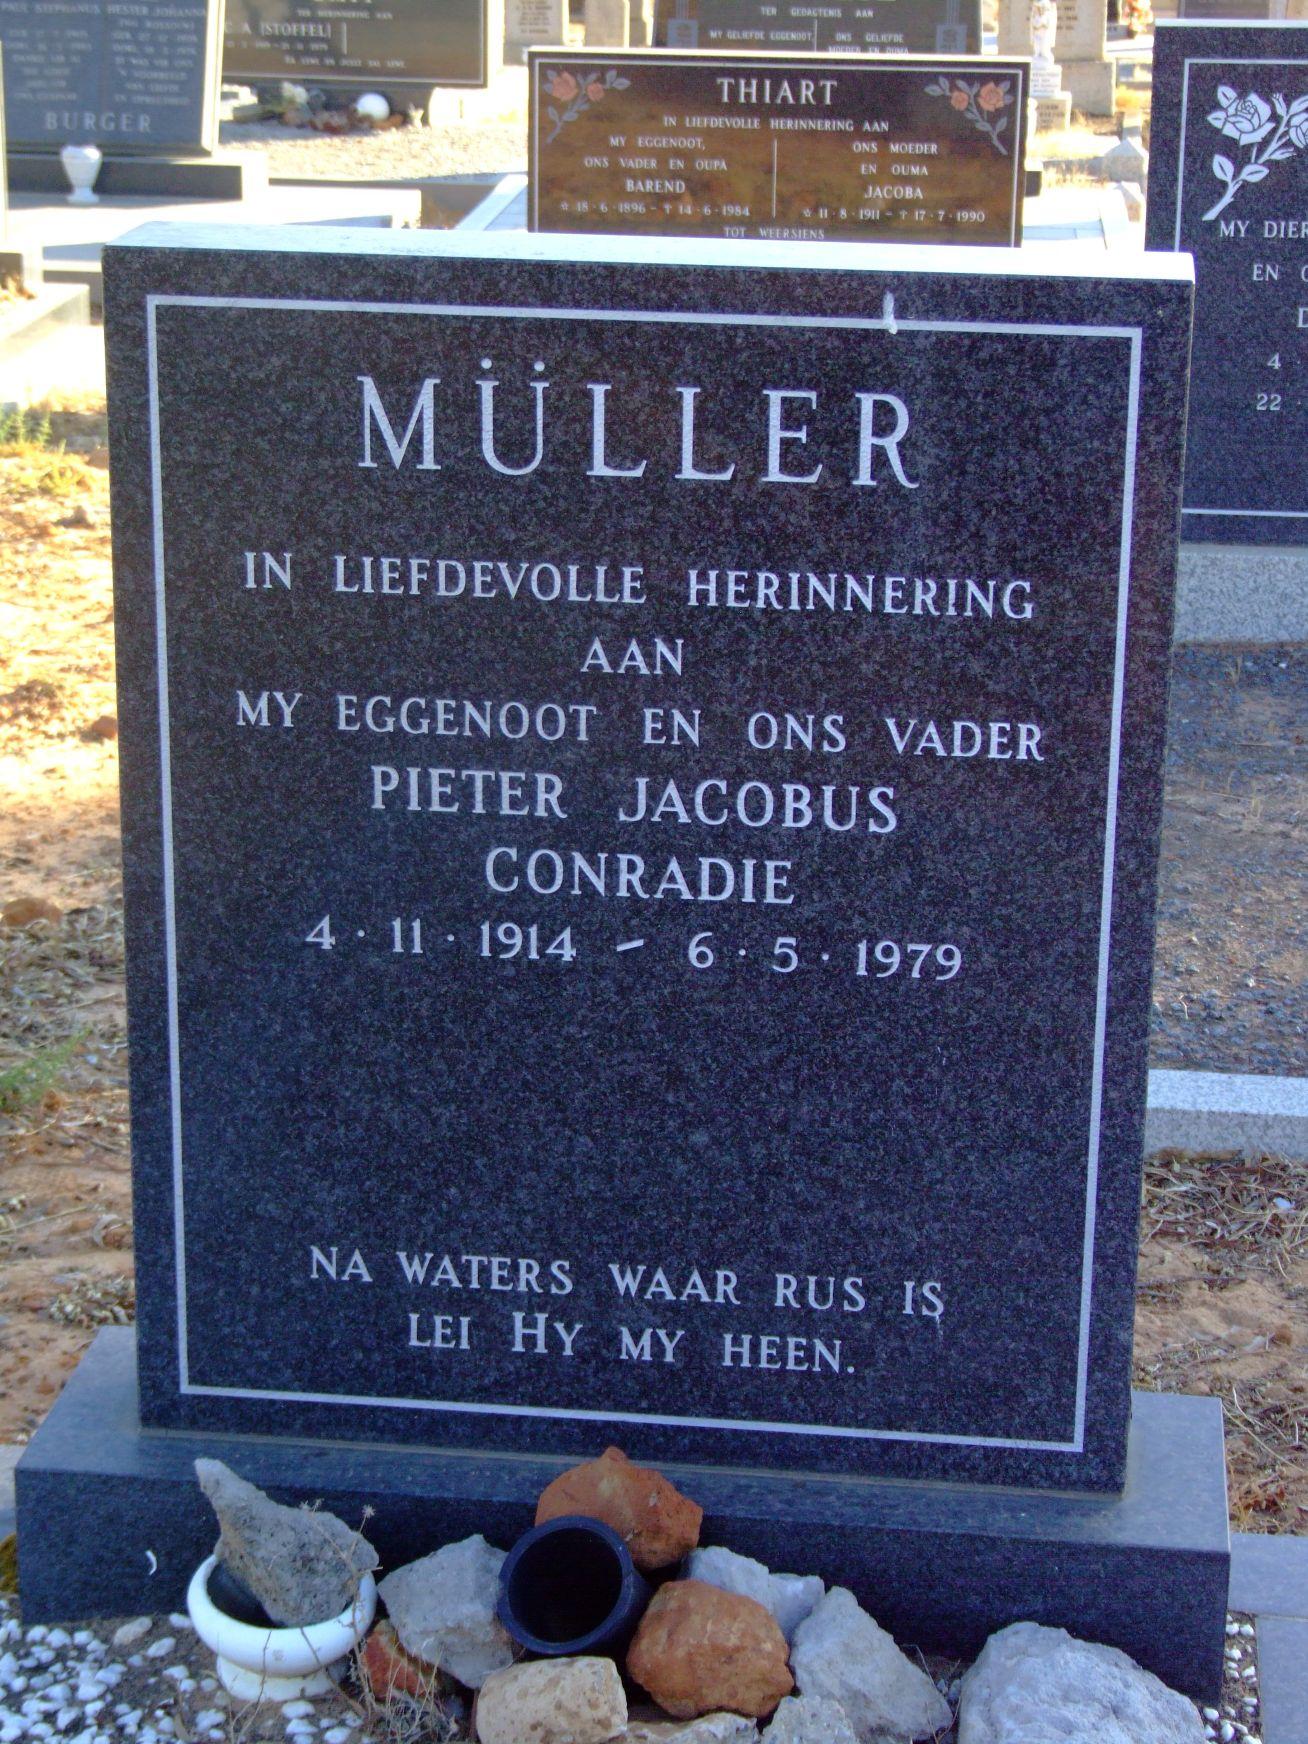 Muller, Pieter Jacobus Conradie